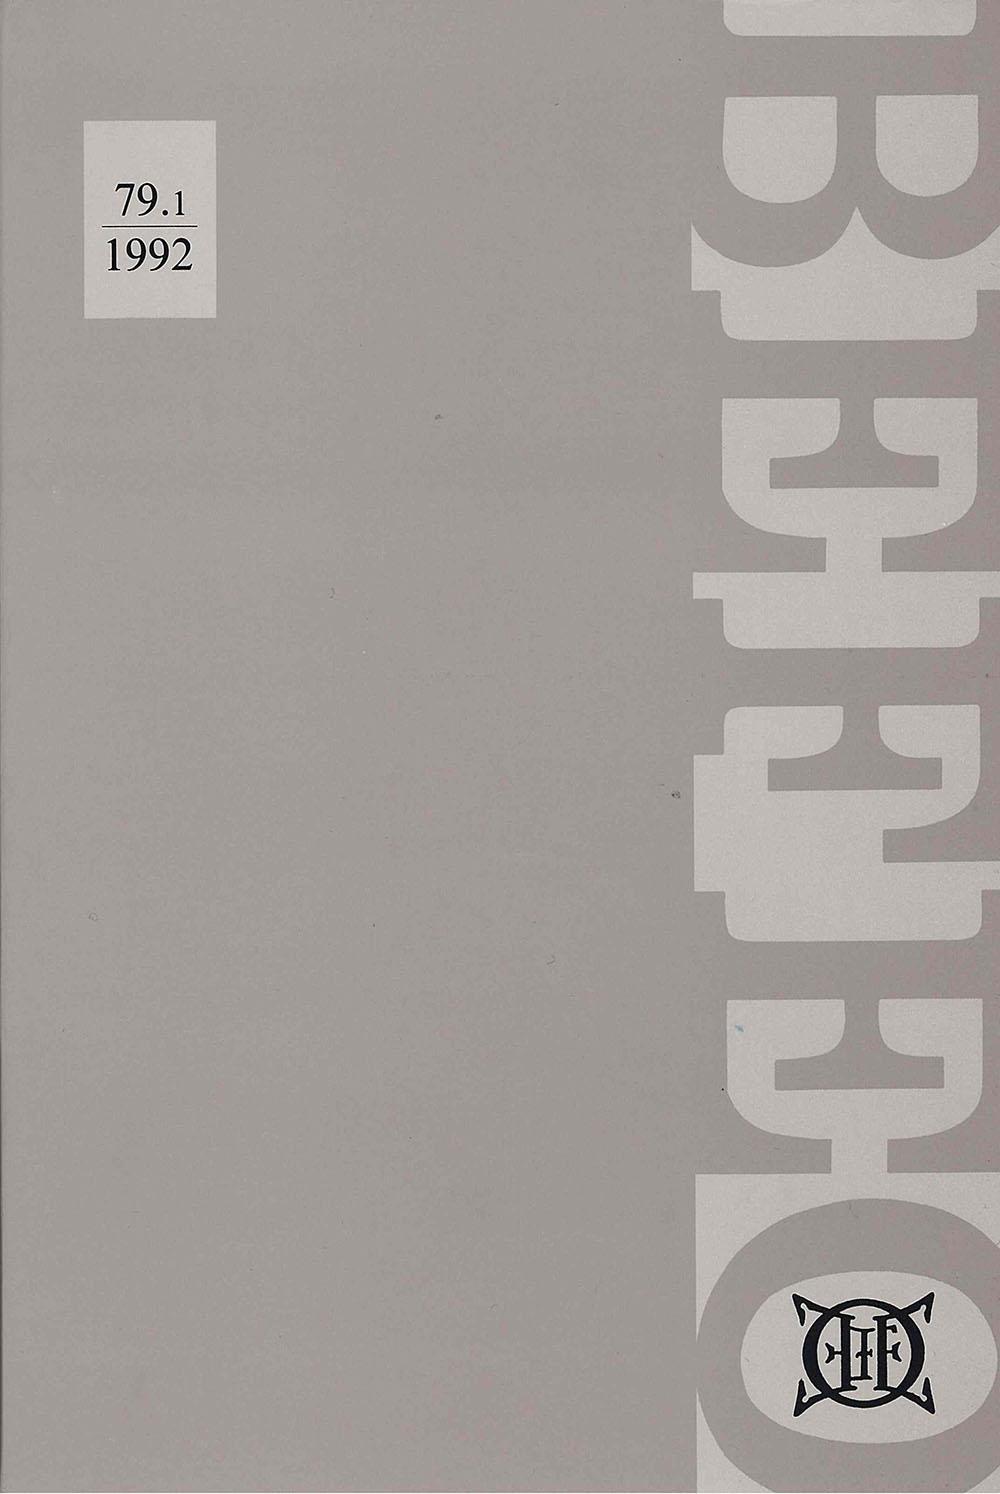 Bulletin de l'Ecole française d'Extrême-Orient 79.1 (1992)